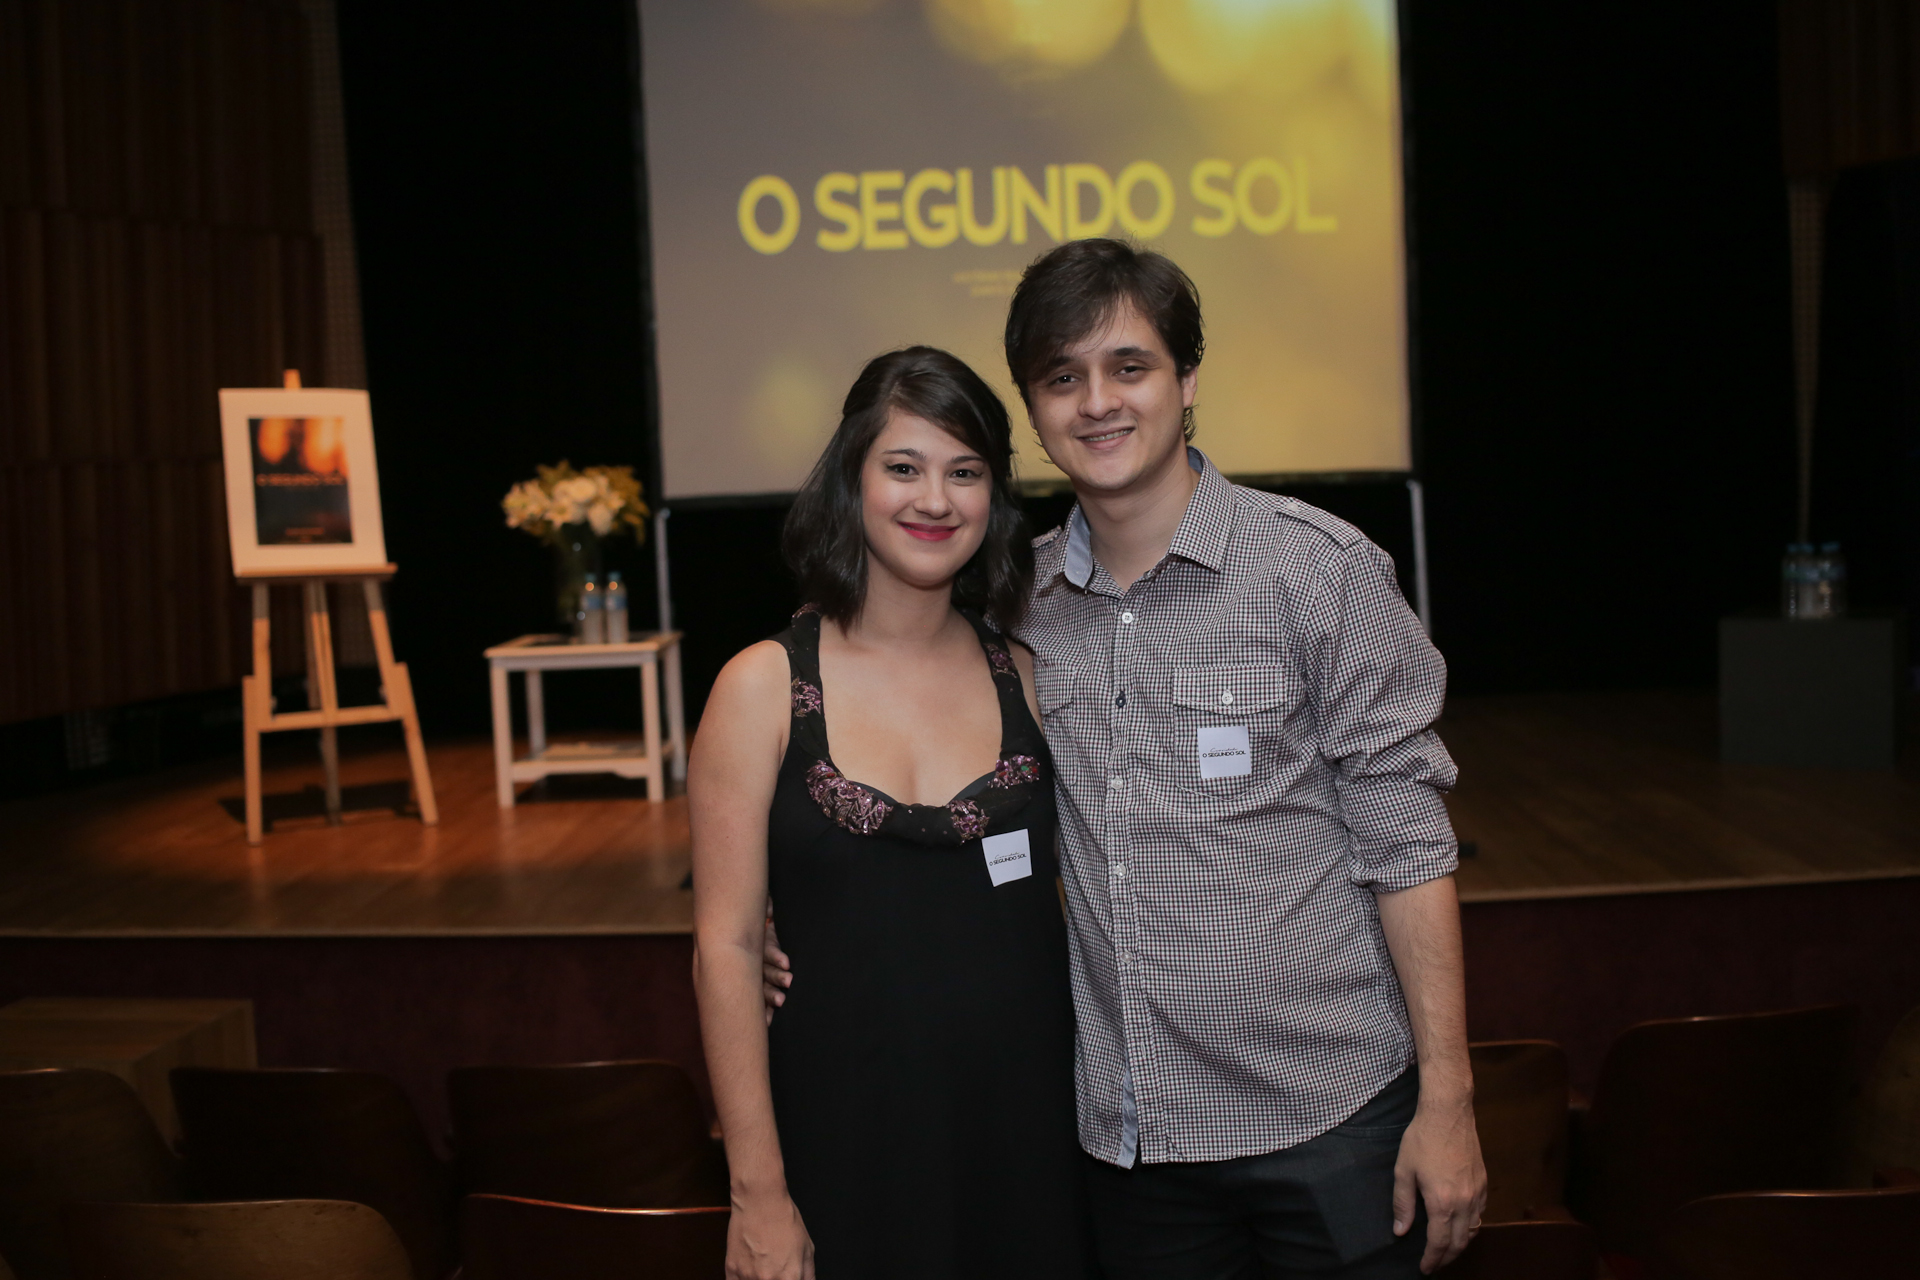 O_Segundo_Sol_Estréia_BH-6.jpg